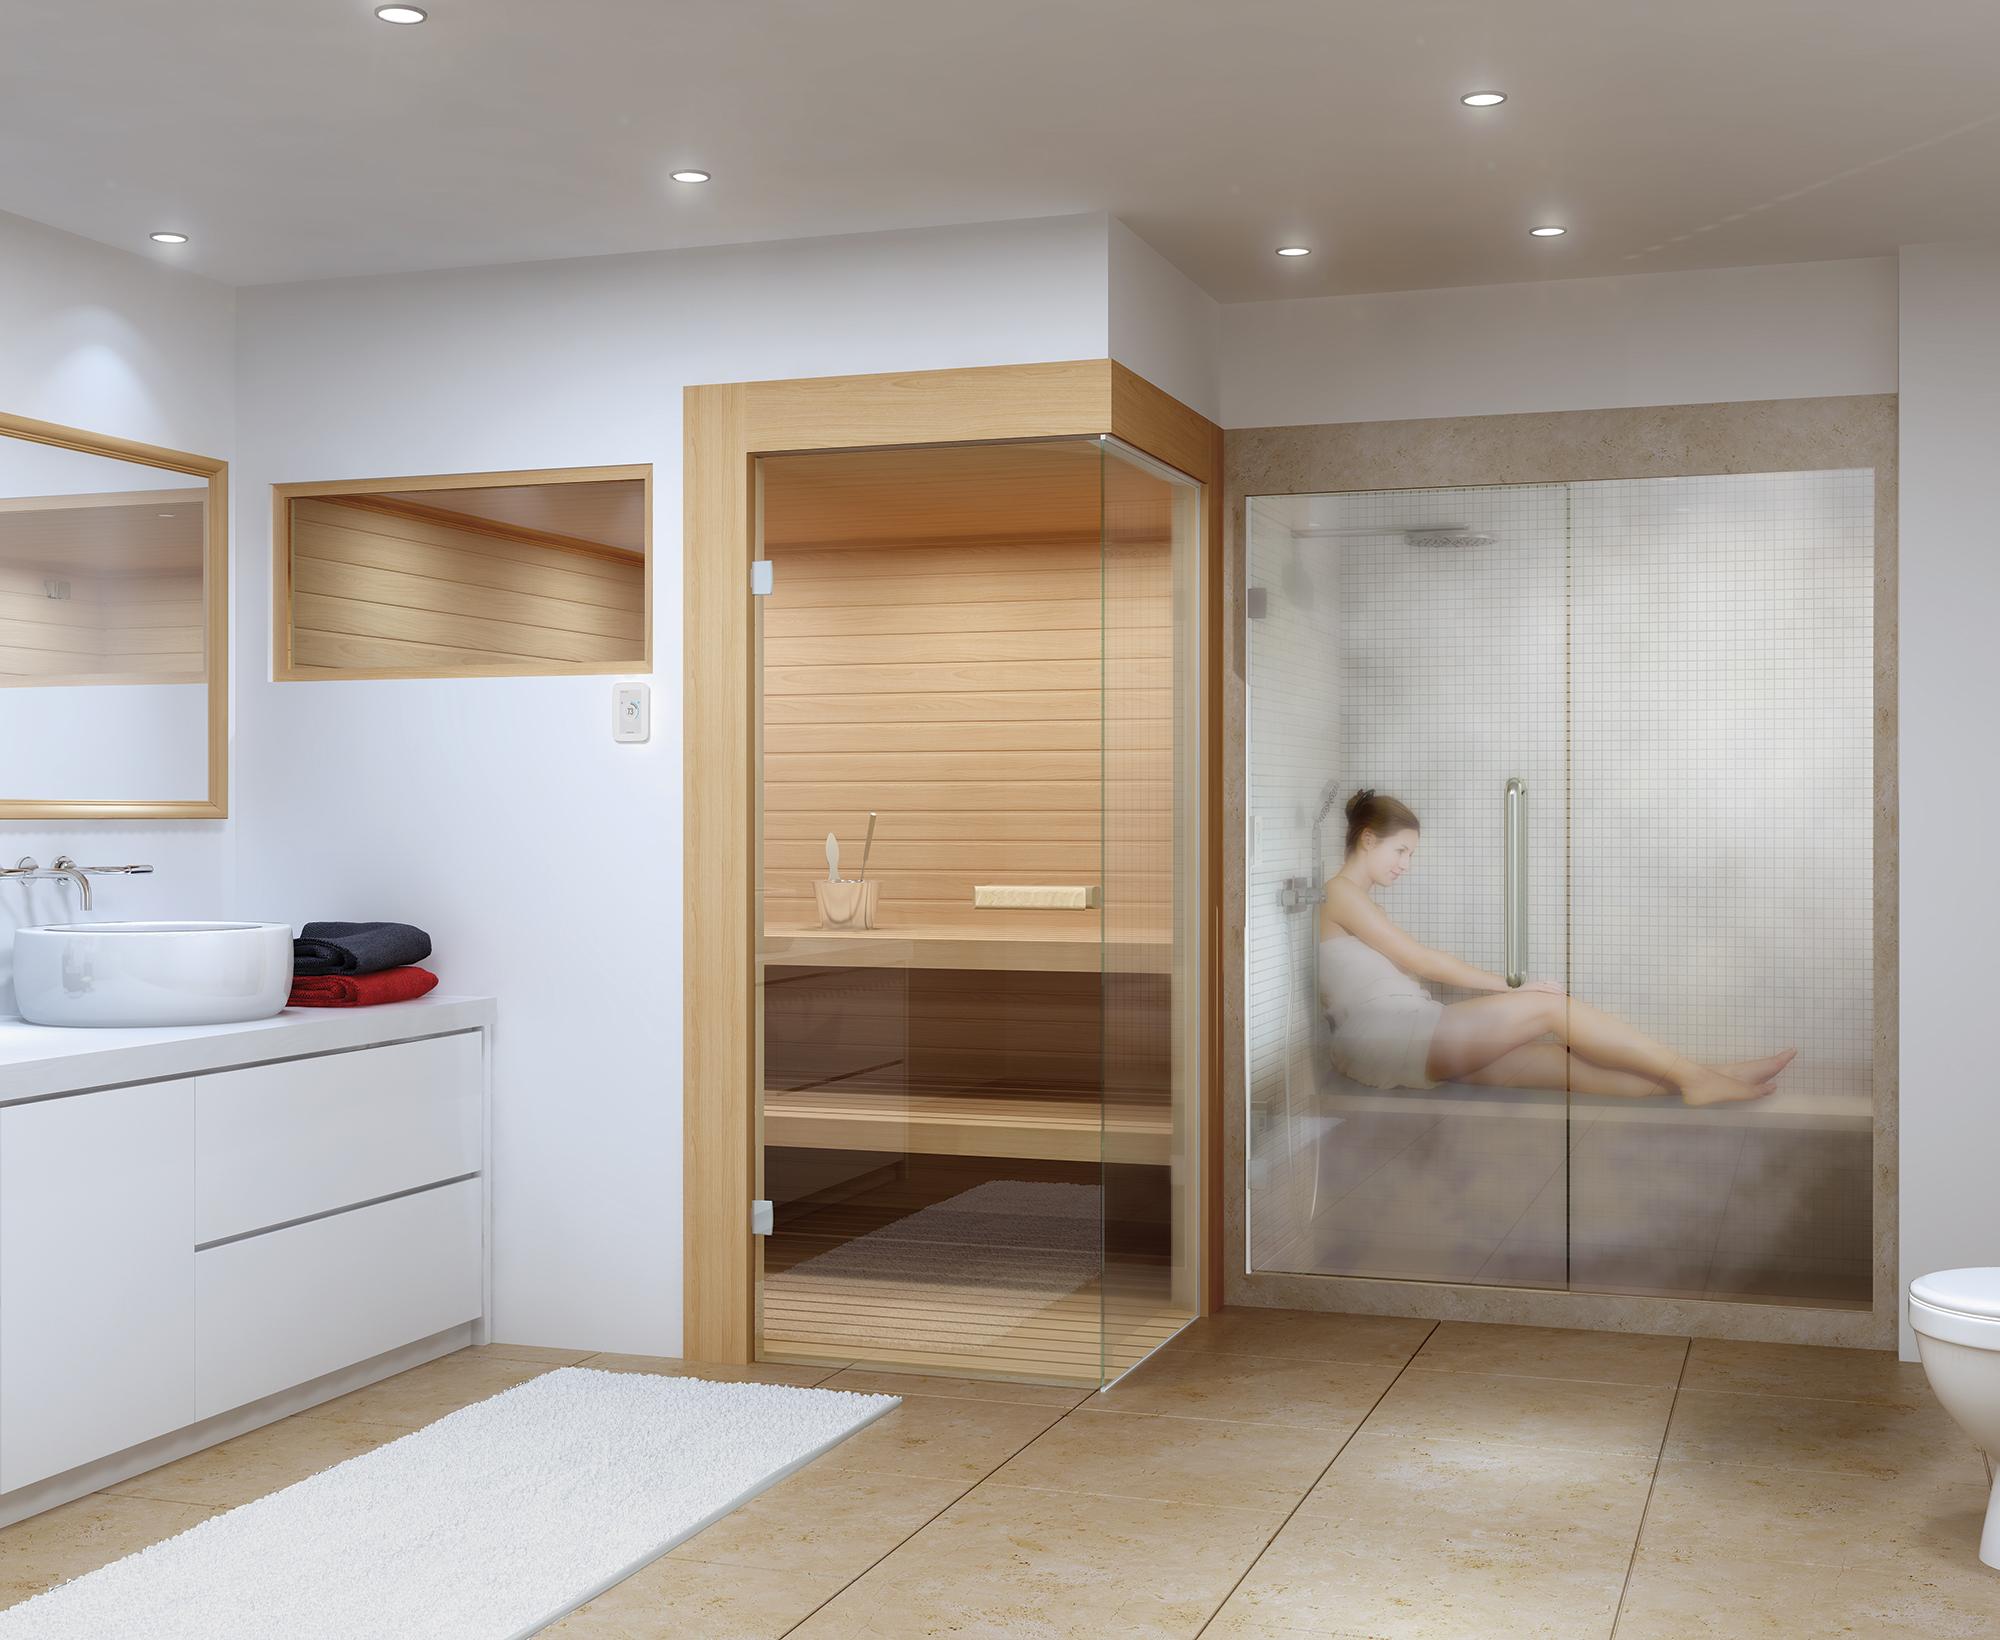 Alpine Sauna Saunas Steam Rooms Infrared Saunas Spa